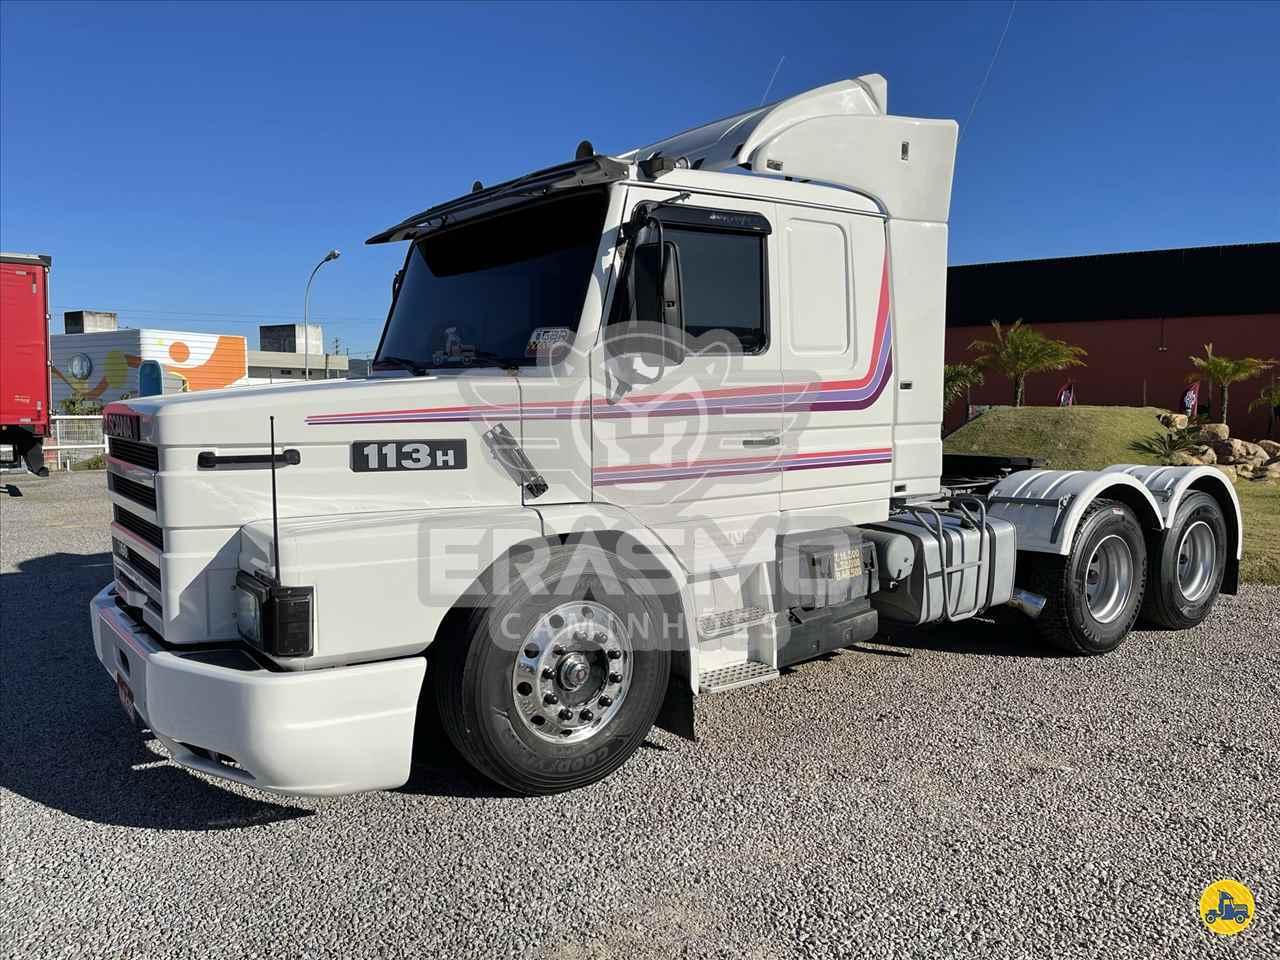 CAMINHAO SCANIA SCANIA 113 320 Cavalo Mecânico Truck 6x2 Erasmo Caminhões TUBARAO SANTA CATARINA SC